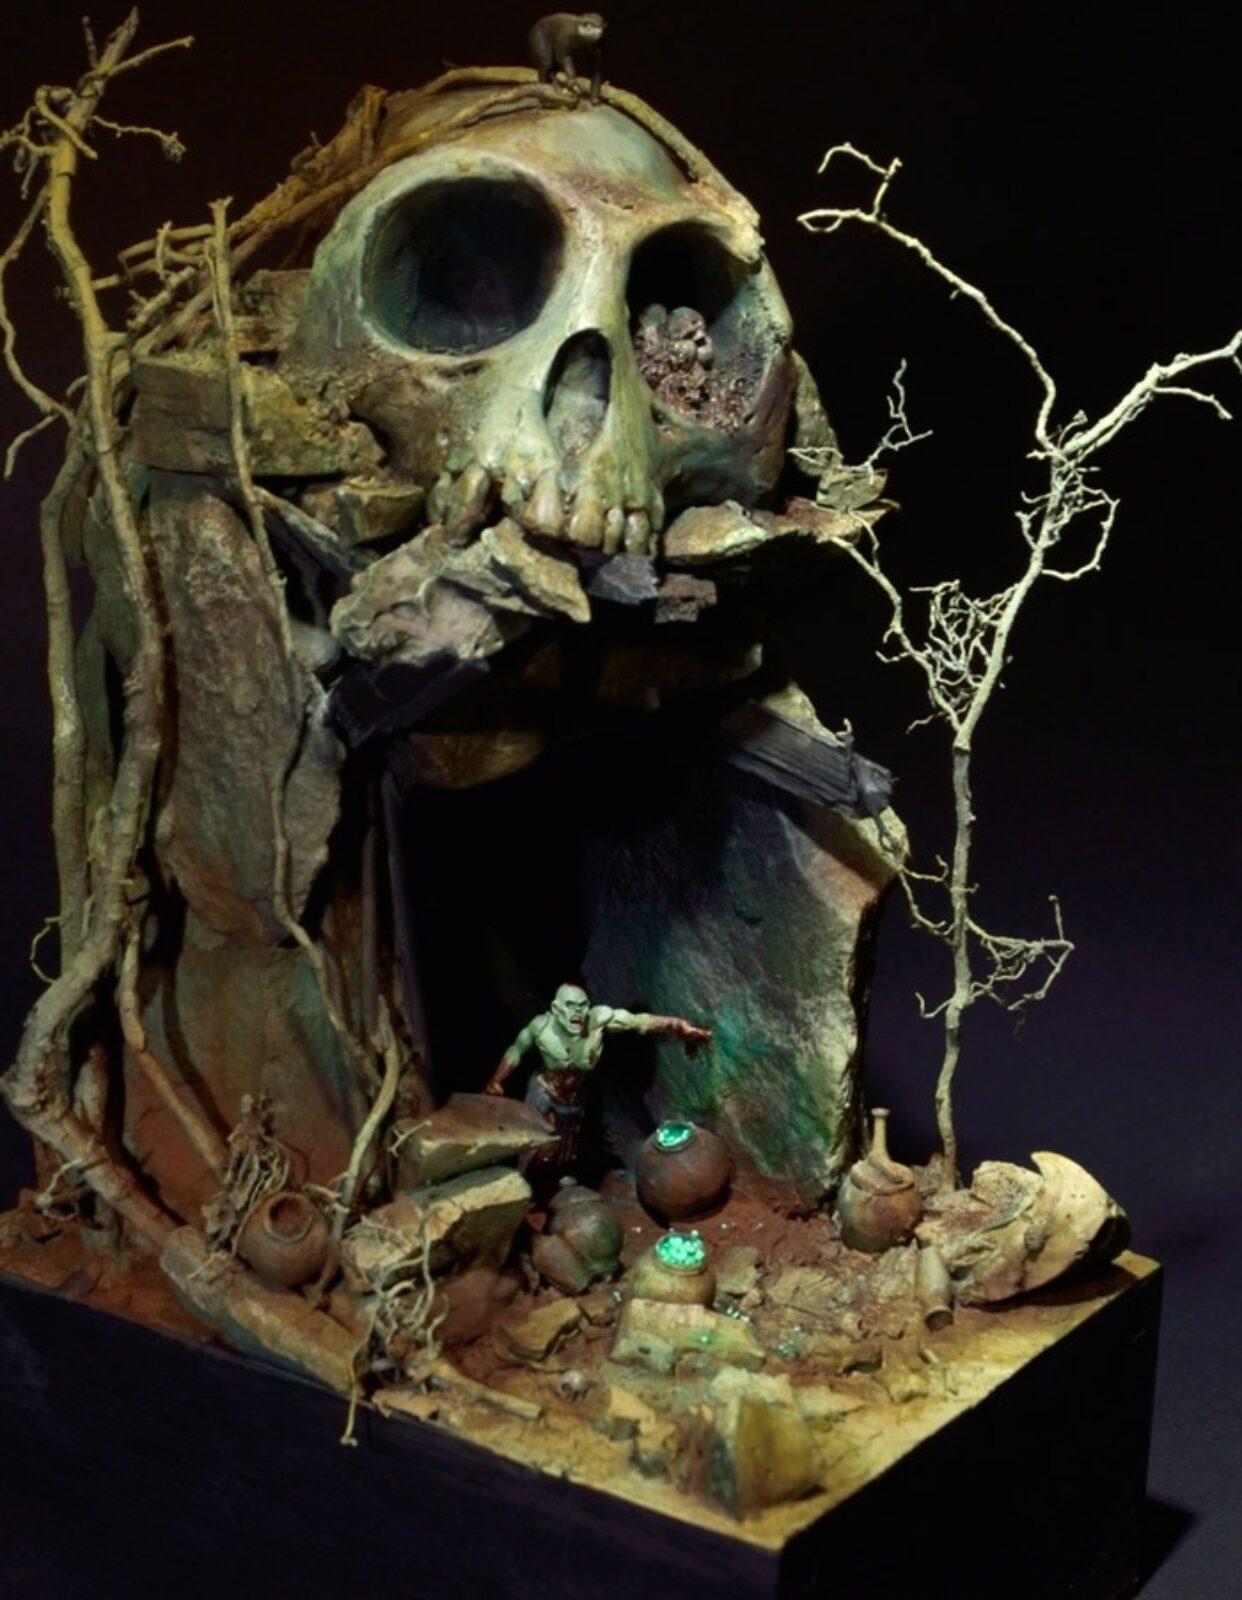 Skullcavefin